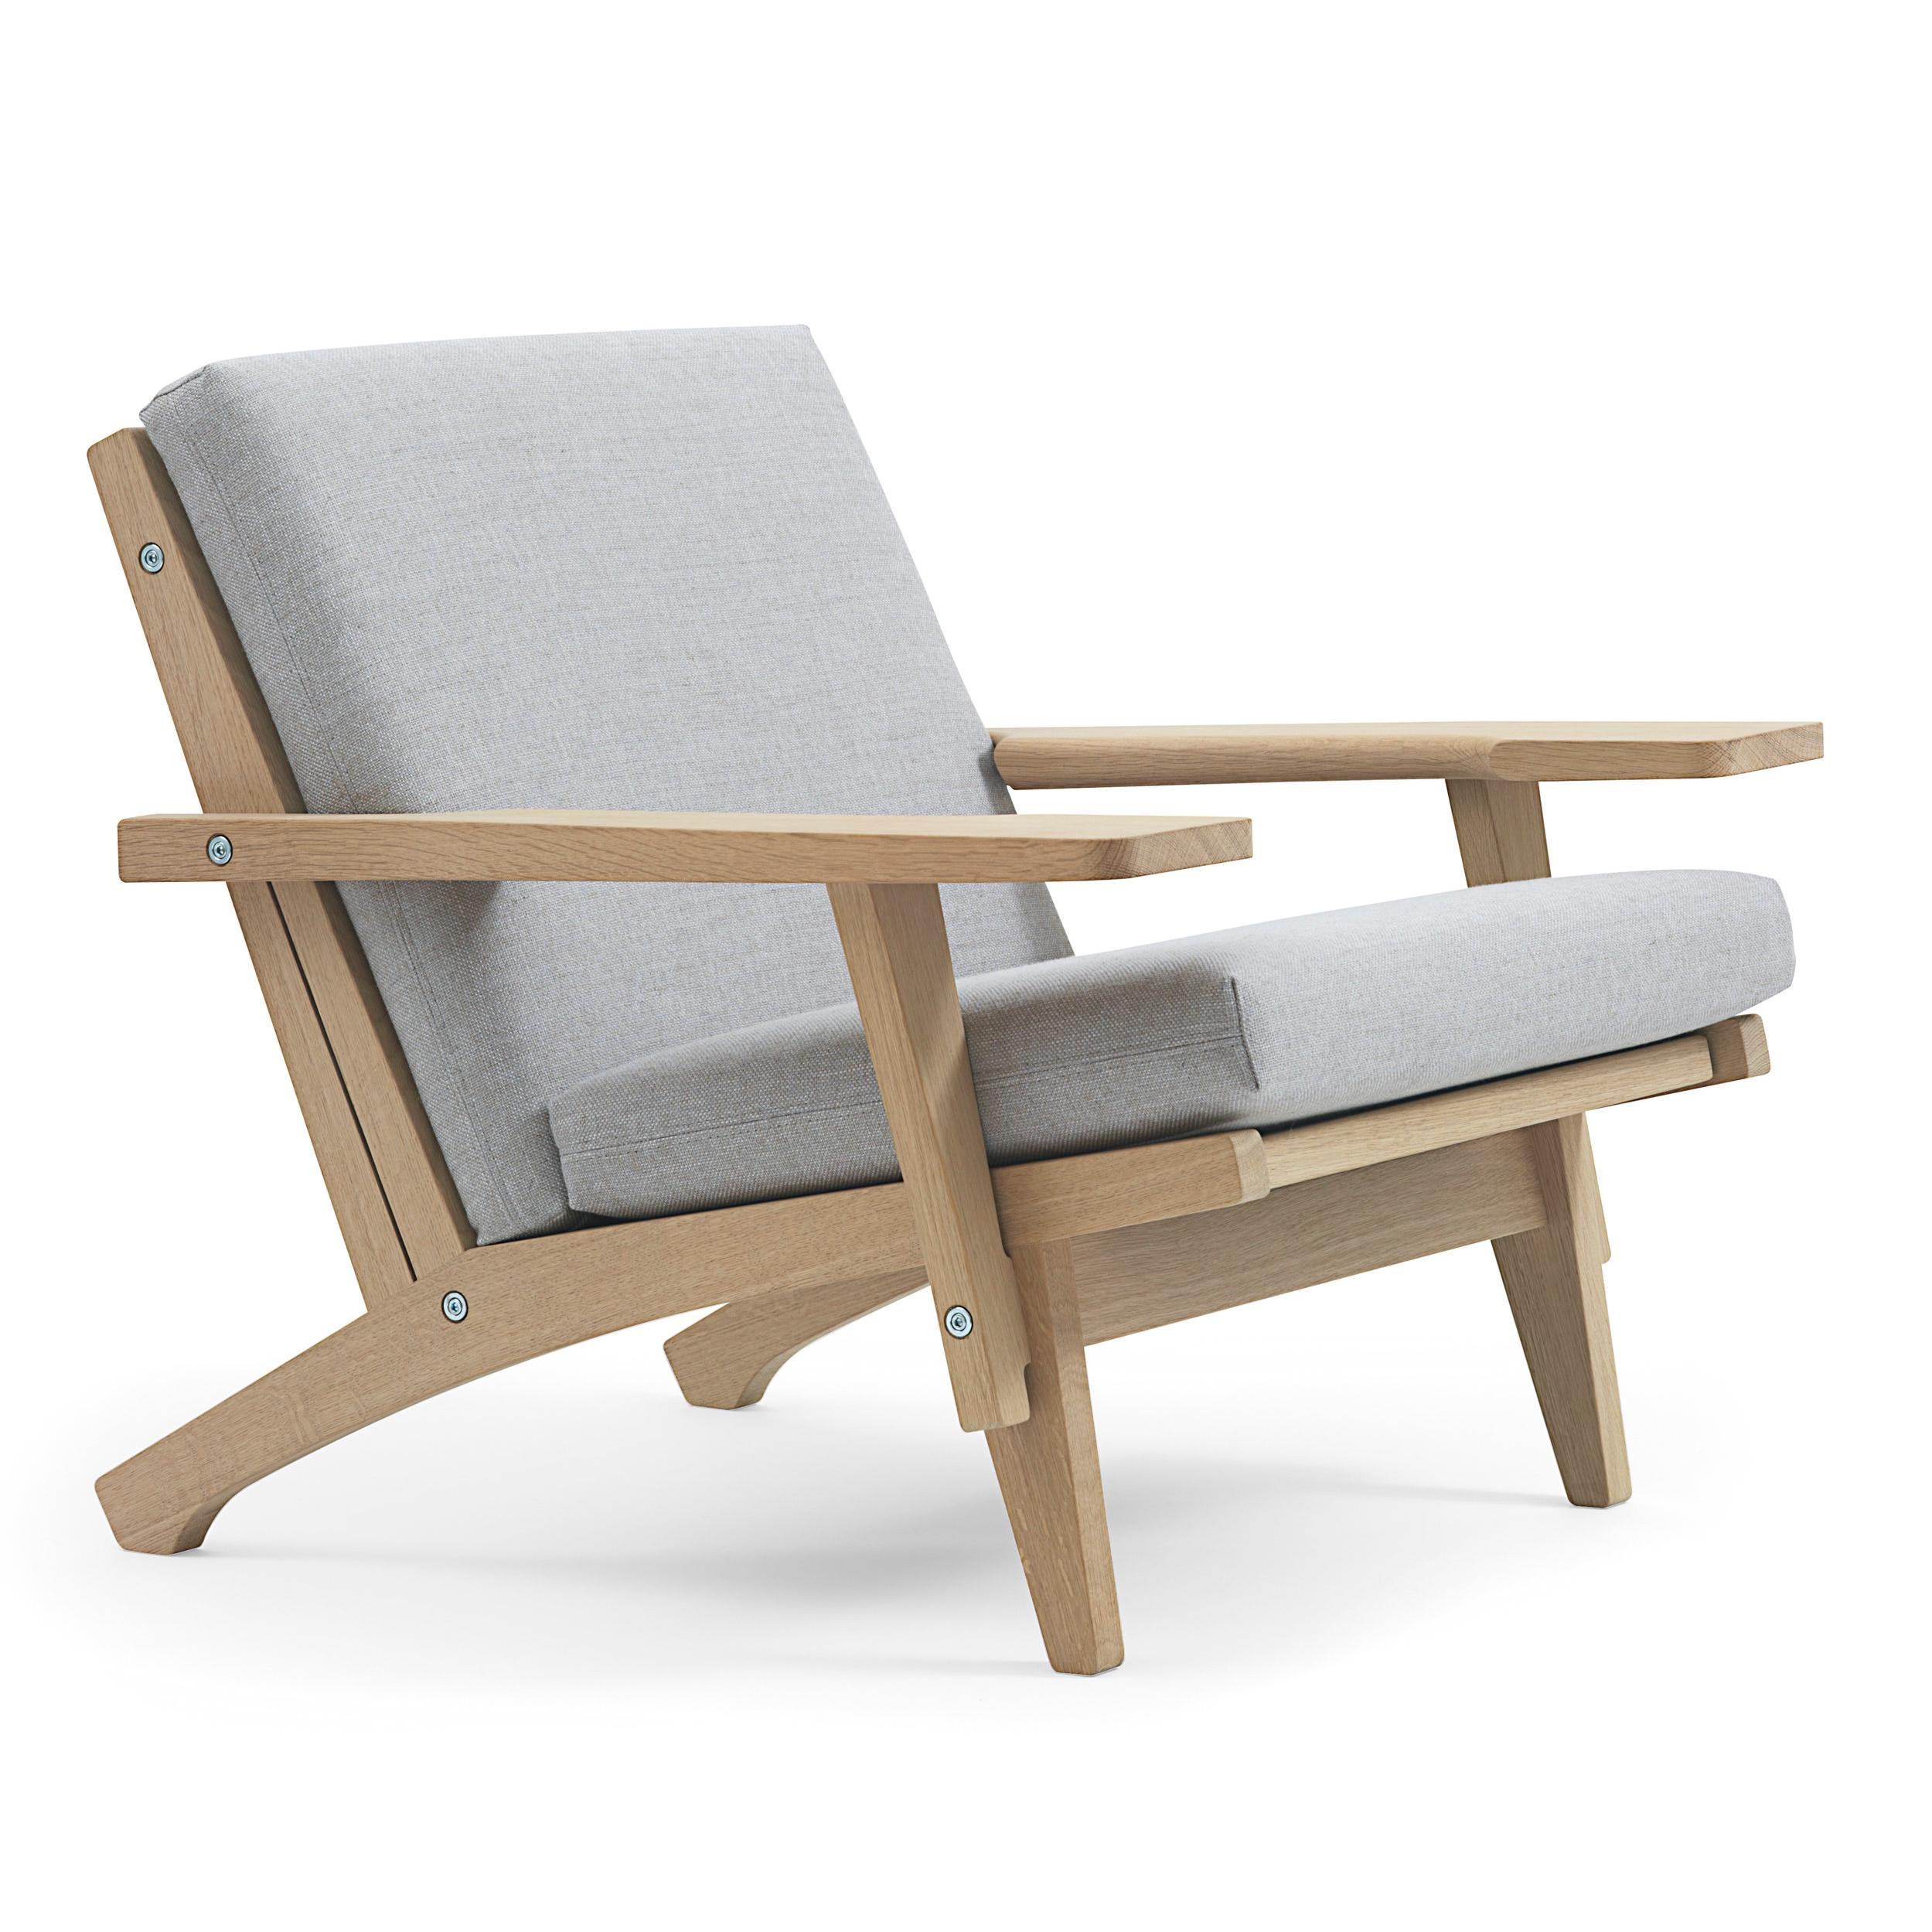 GE_370_GE370_Getama_Hans_Wegner_Gestalt_NewYork_Lowback_Lounge_Chair_arms_3.jpg